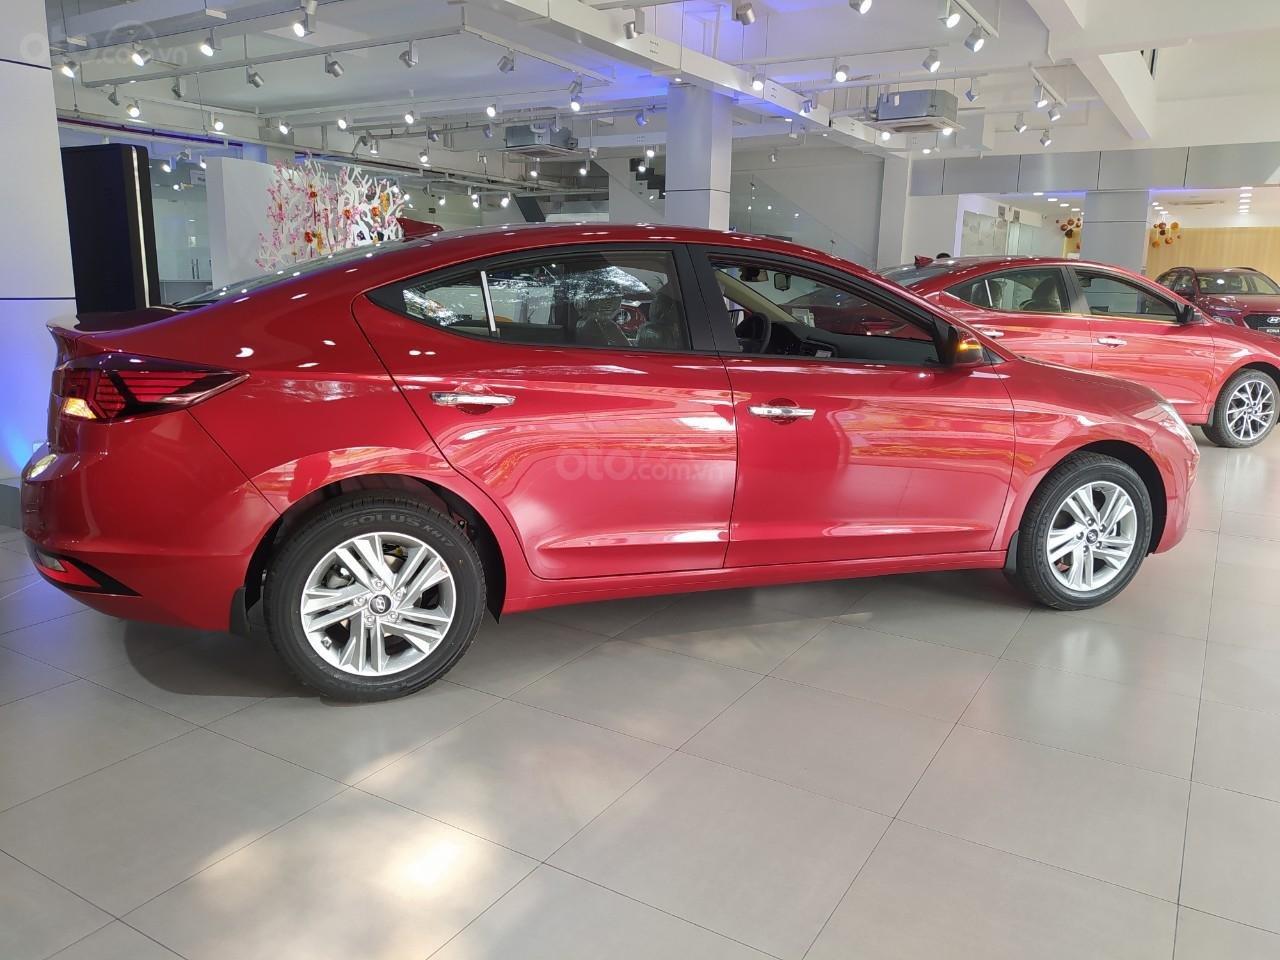 Hyundai An Phú bán Hyundai Elantra giá tốt, góp 90%, xe giao ngay, liên hệ Mr Nghĩa để được hỗ trợ tốt nhất (1)